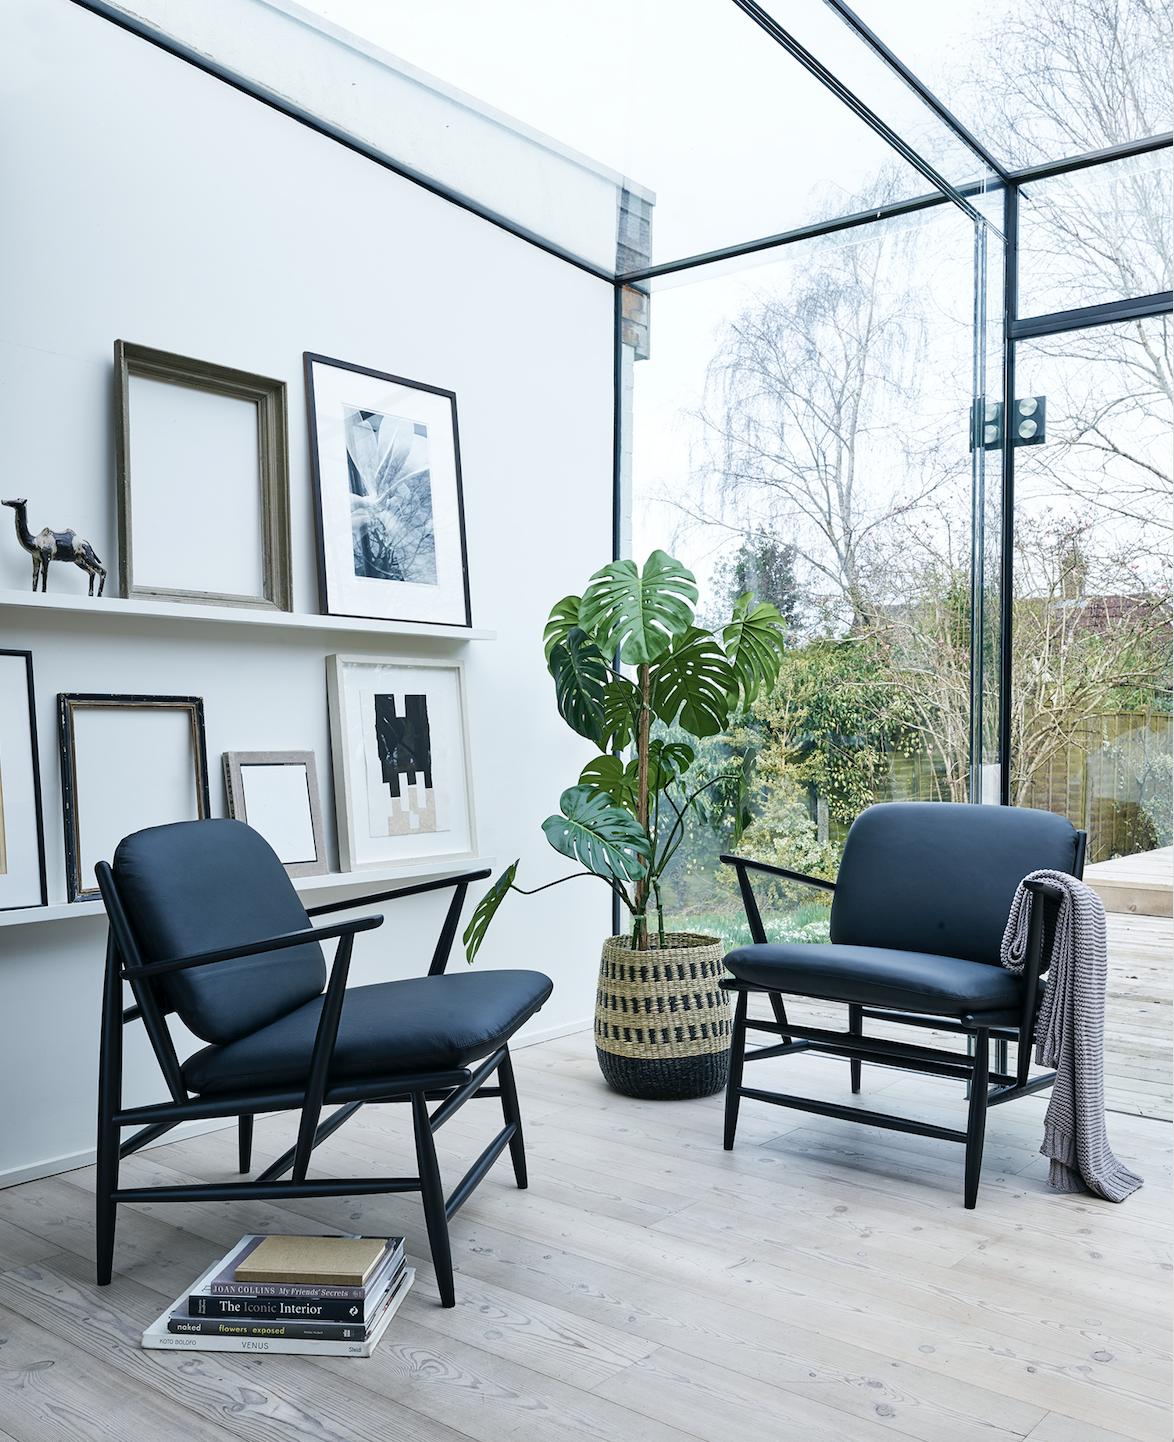 Ercol Von Clerkenwell Design Week 2018 1.png